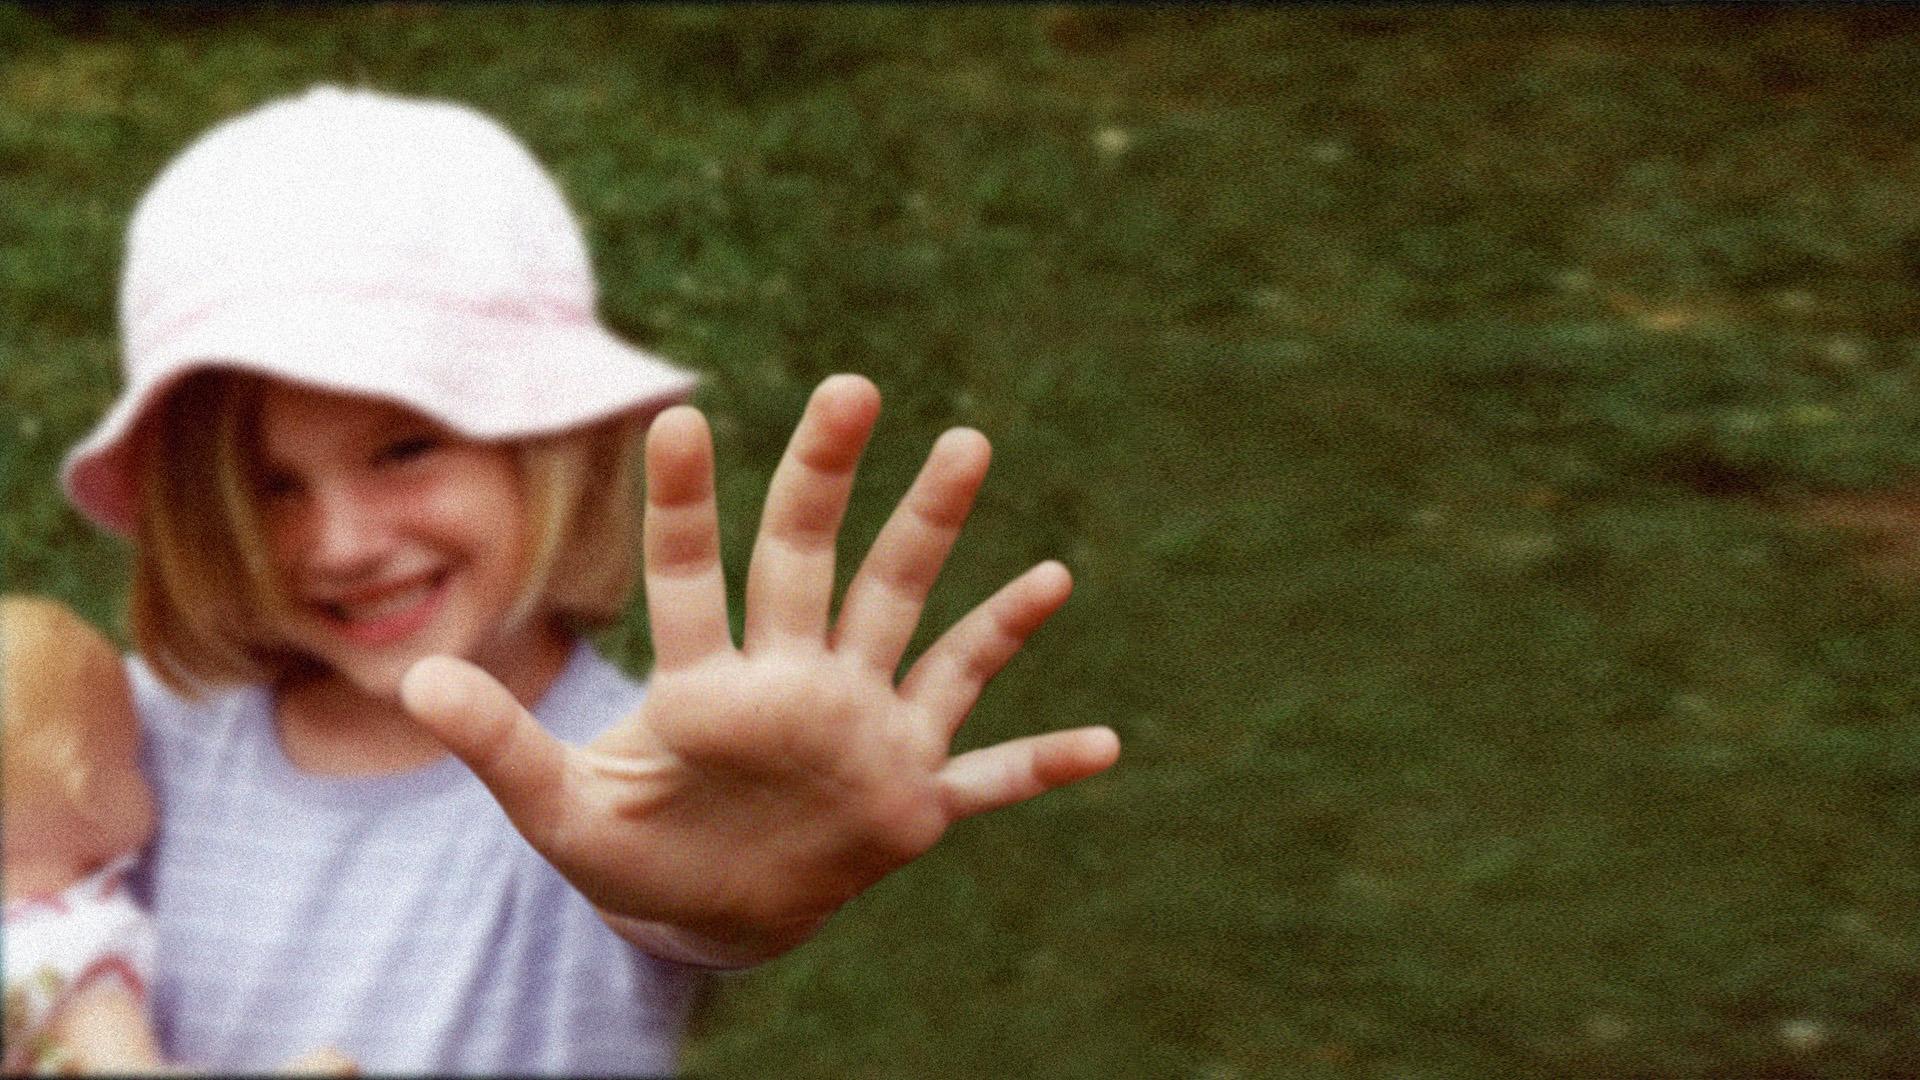 2001_05_EMMA_six_fingers_sm.jpg